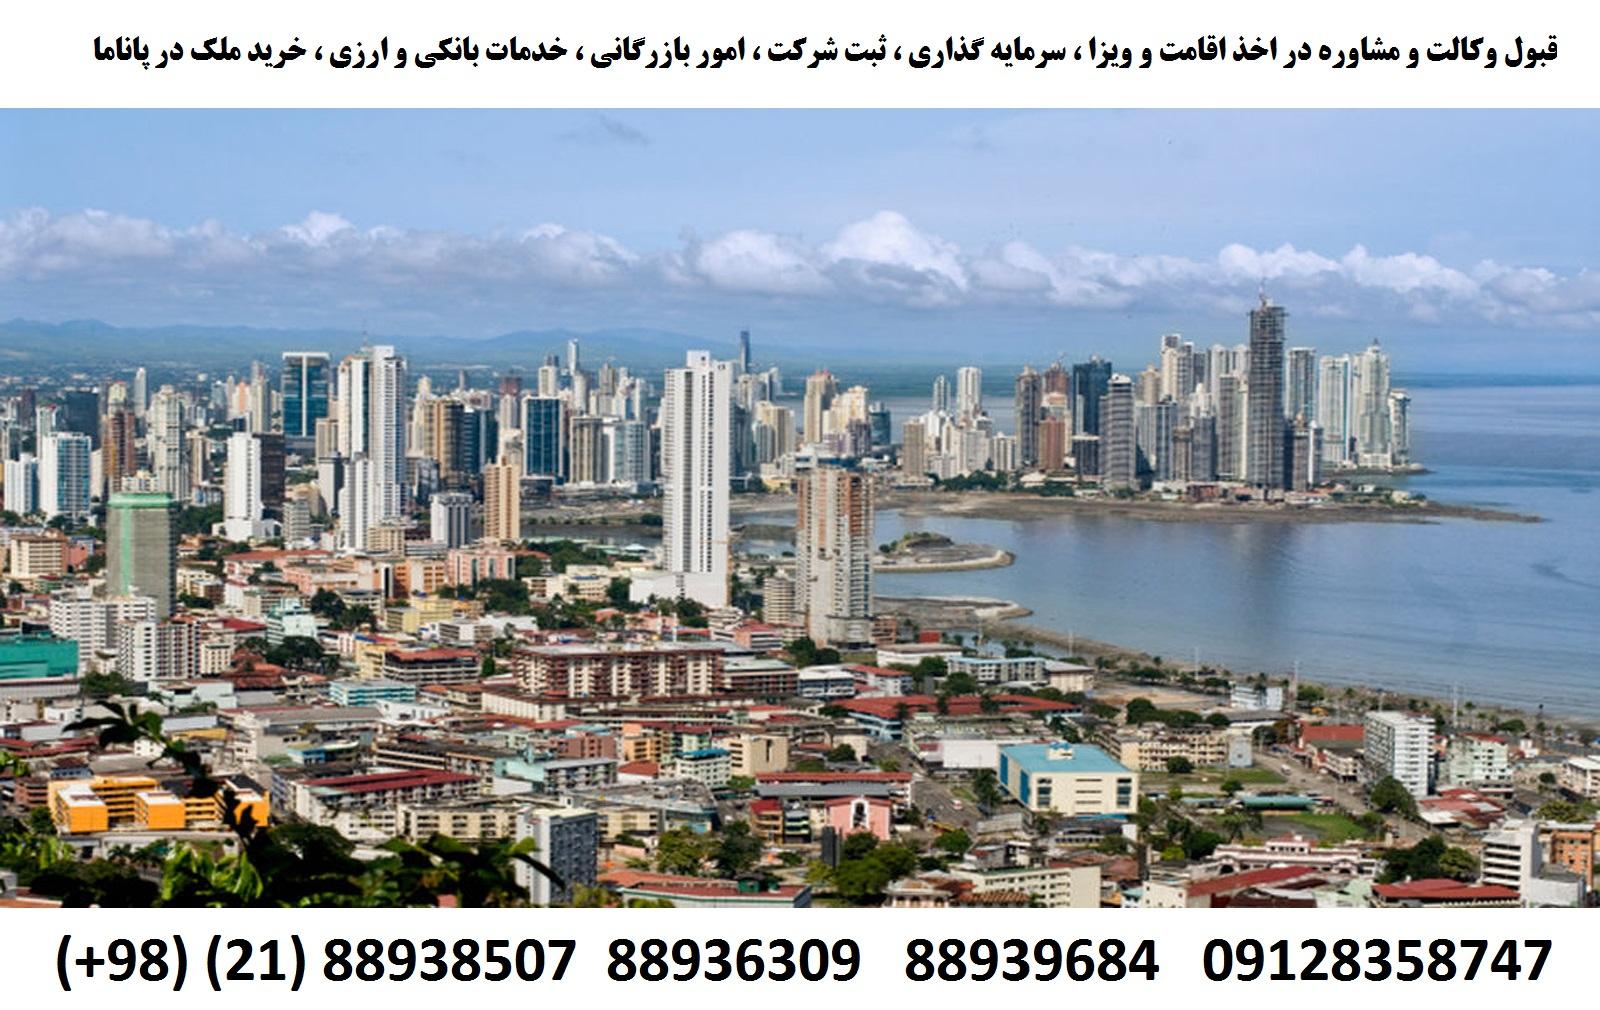 ثبت شرکت ، نمایندگی ، صادرات و واردات ،تحصیلی در پاناما (1)